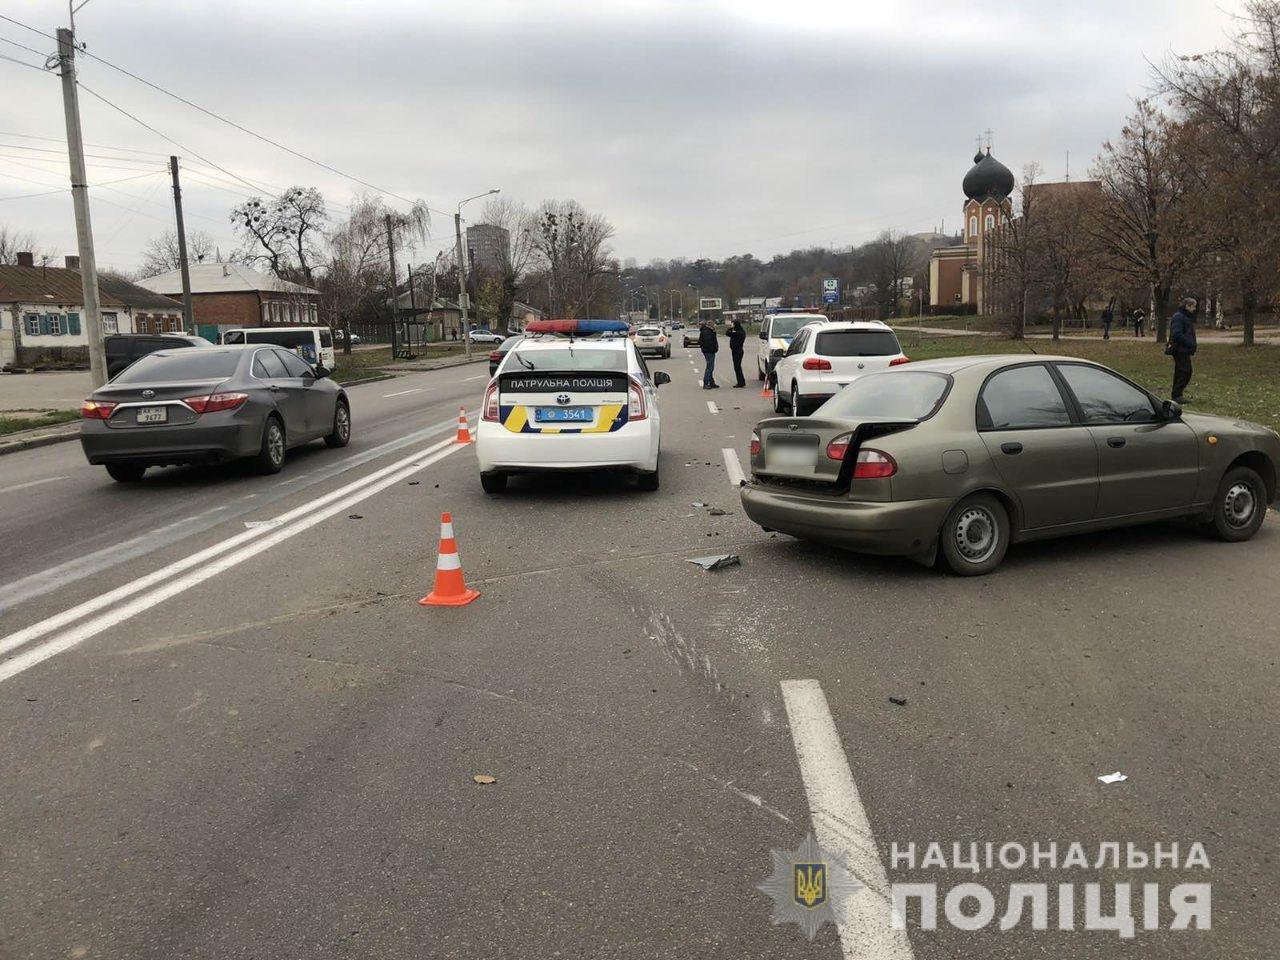 В Харькове внедорожник «влетел» в легковой автомобиль: пострадали дети и мужчина, - ФОТО, фото-4